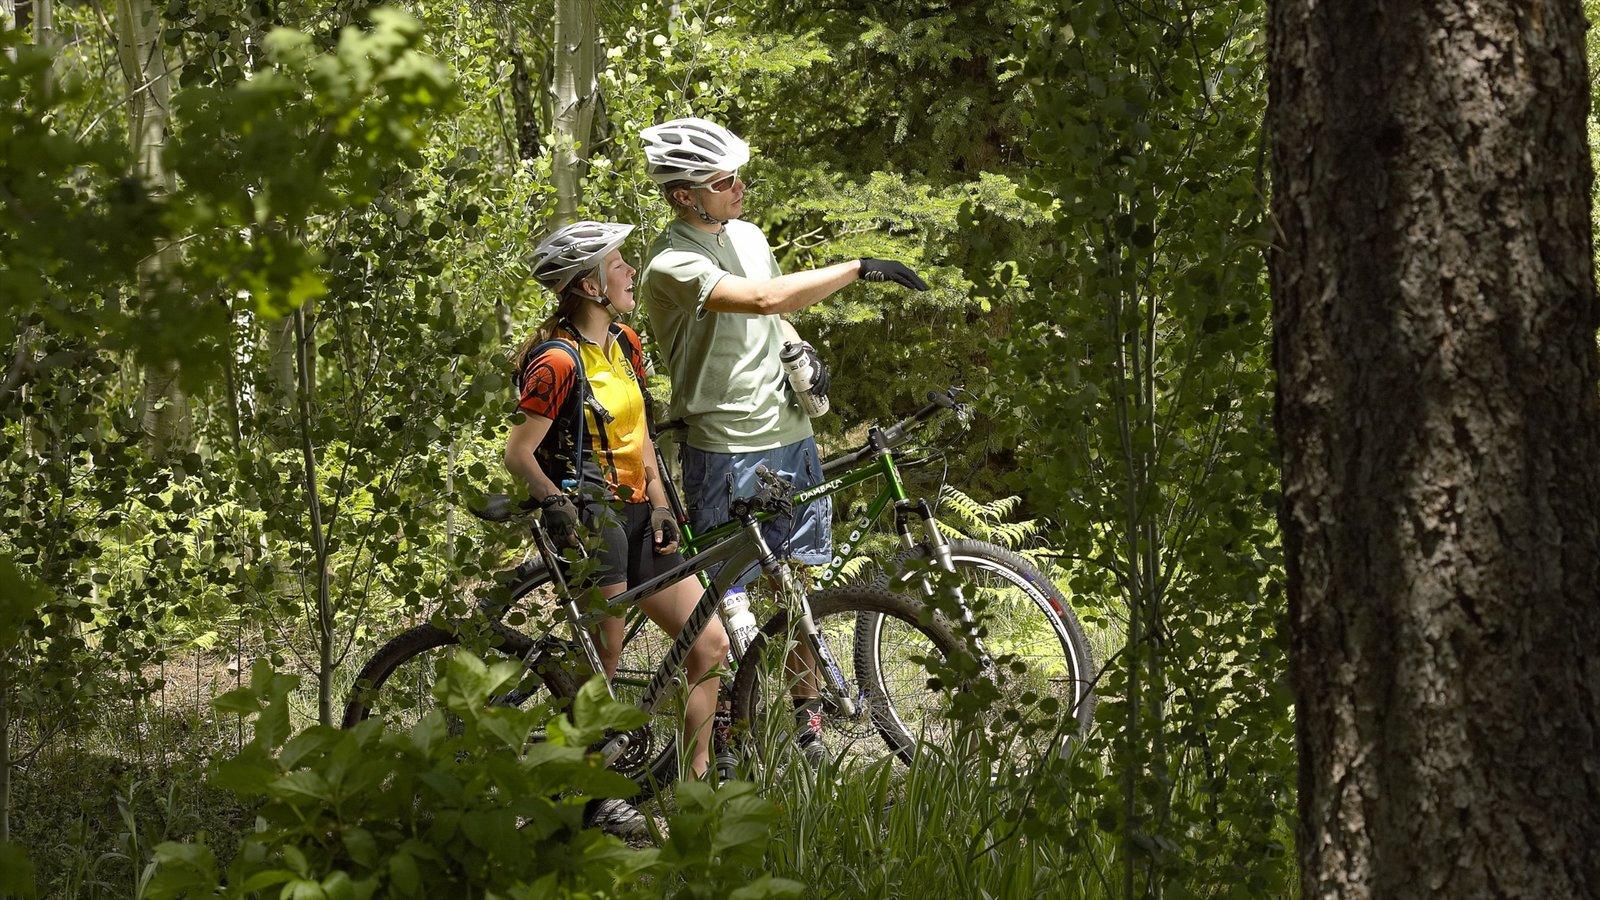 Flagstaff caracterizando florestas, um parque e paisagem